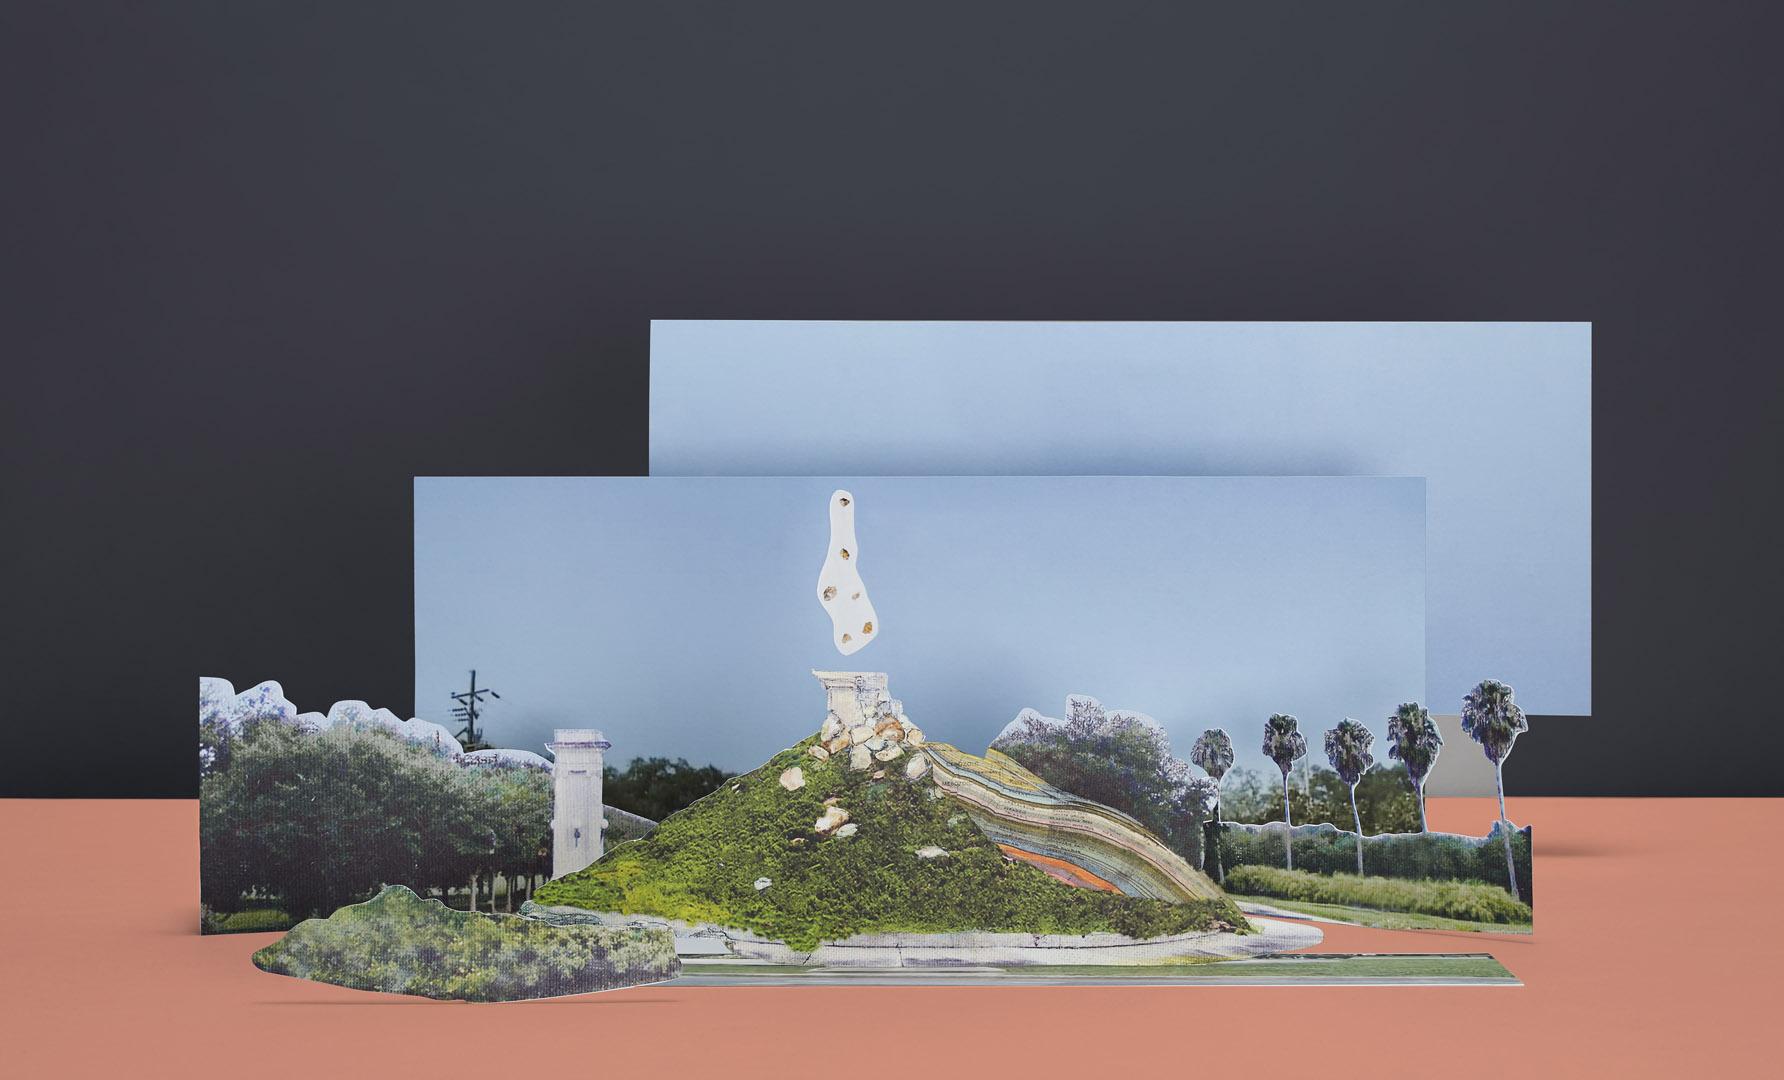 072320_TMag_Monuments_Jennifer_Main_1